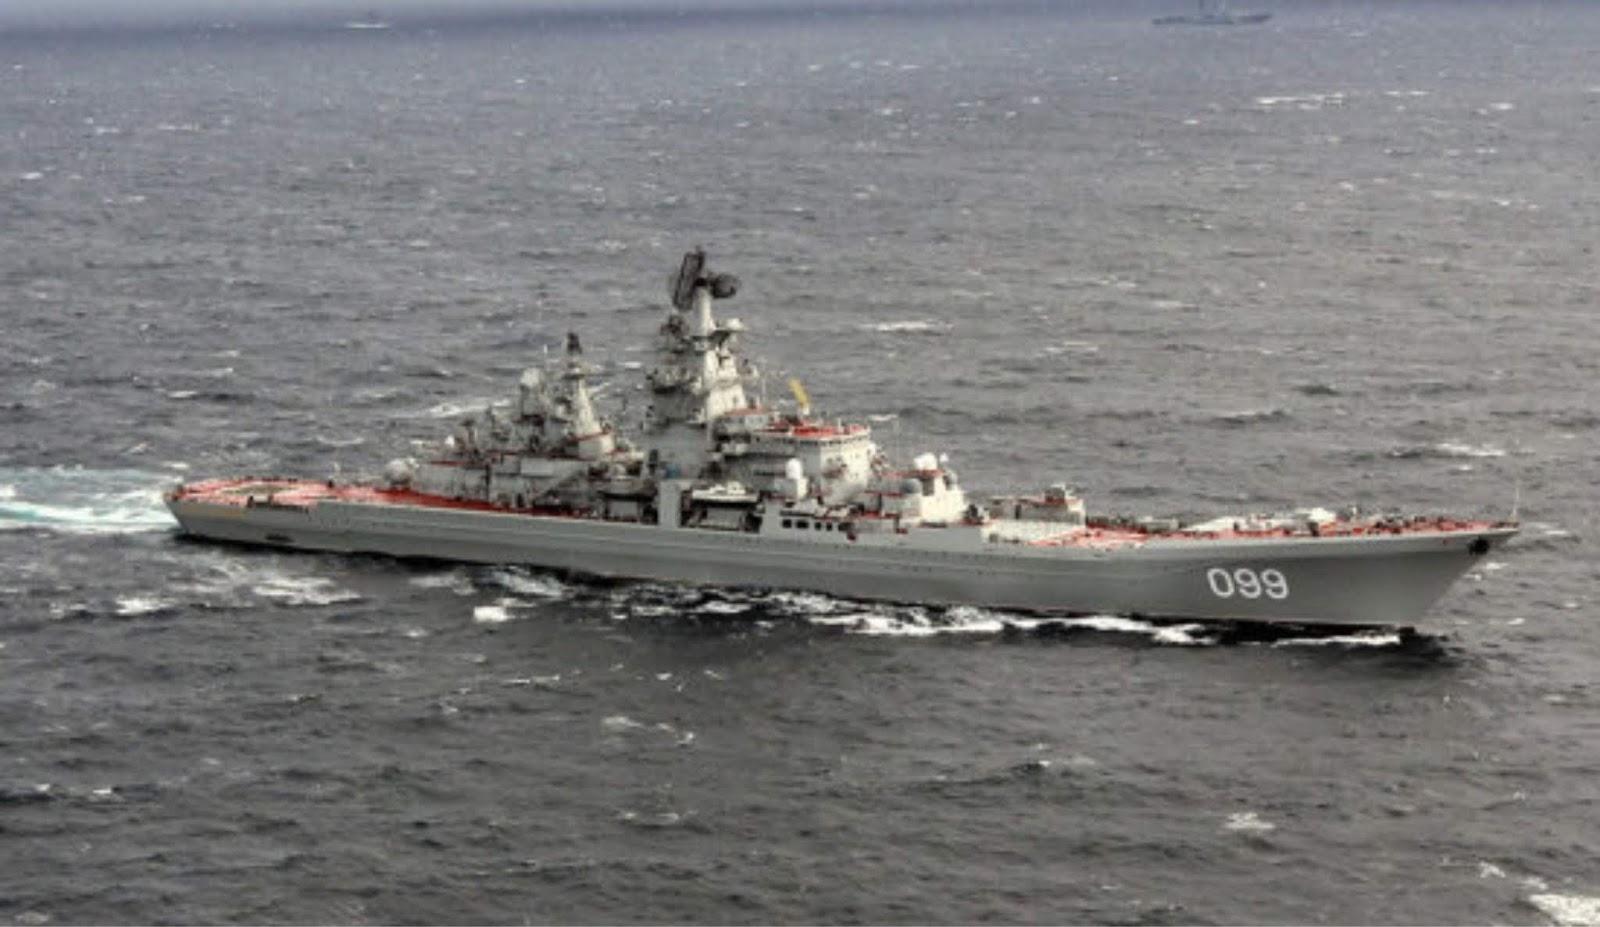 Senator AS mengusulkan penempatan Angkatan Laut AS di Laut Hitam